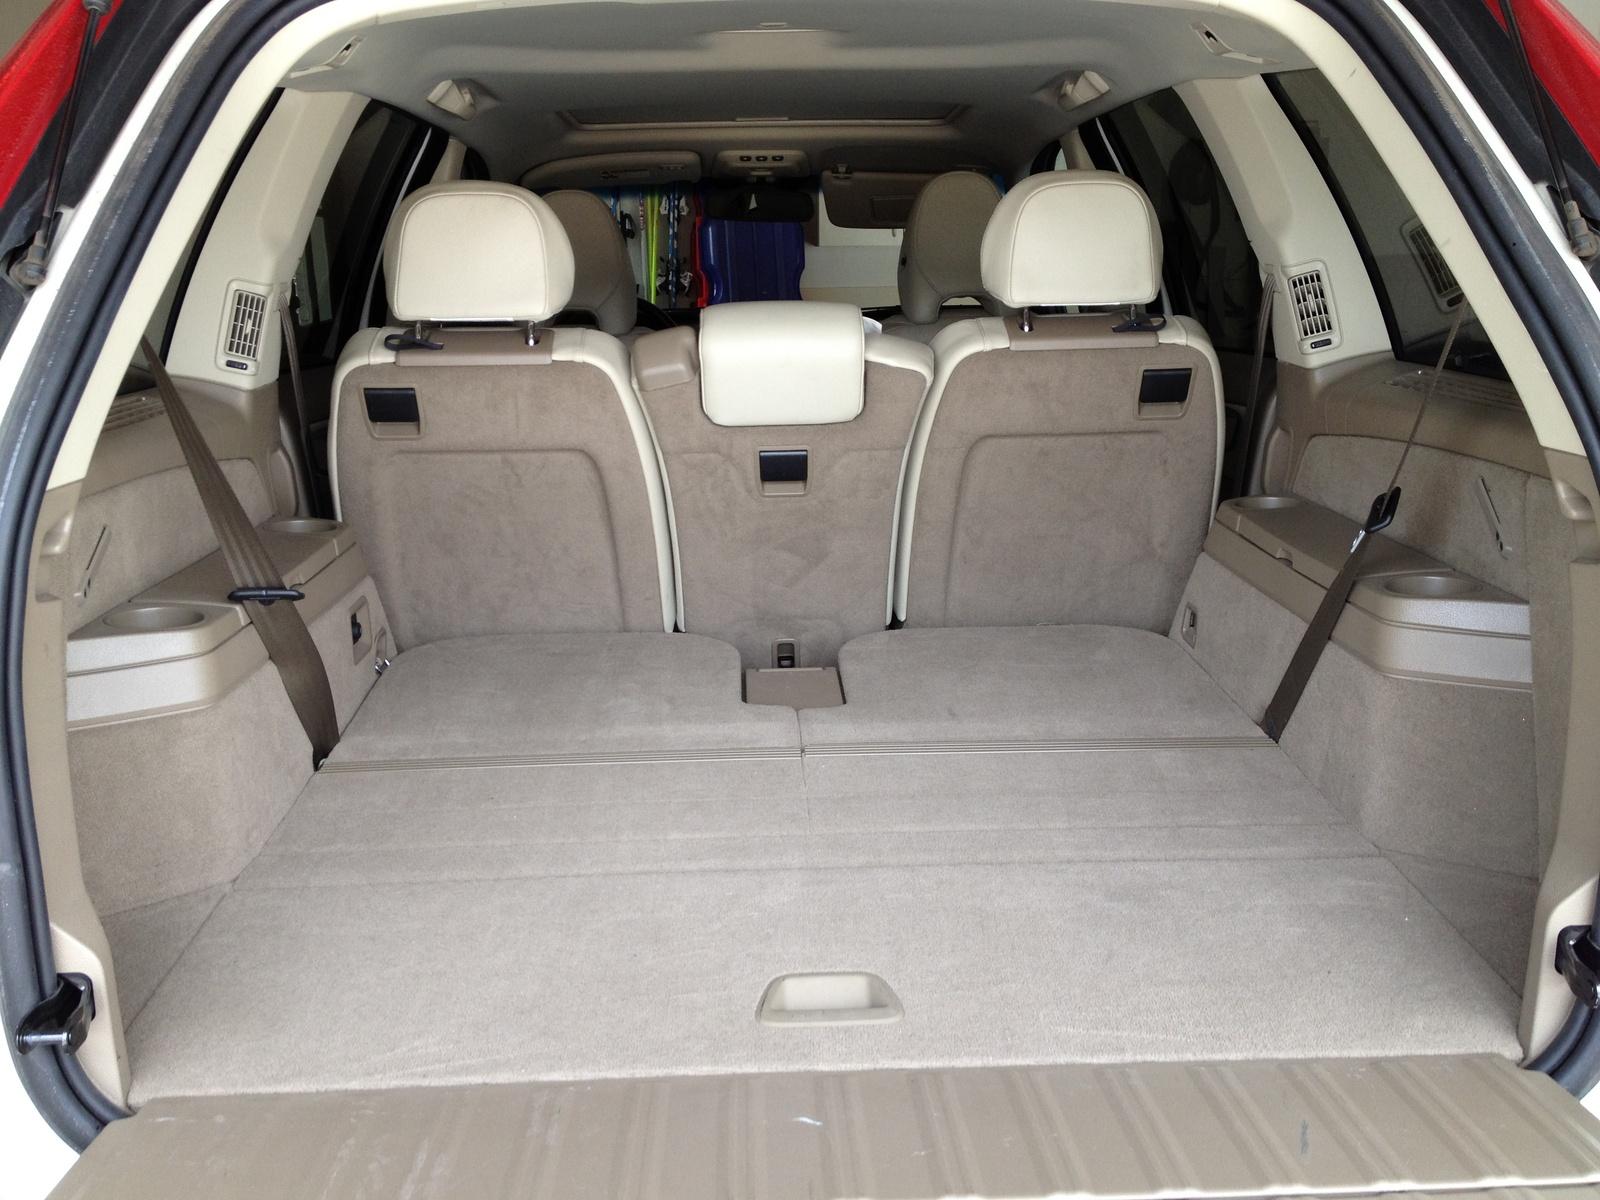 2010 Volvo XC90 - Interior Pictures - CarGurus